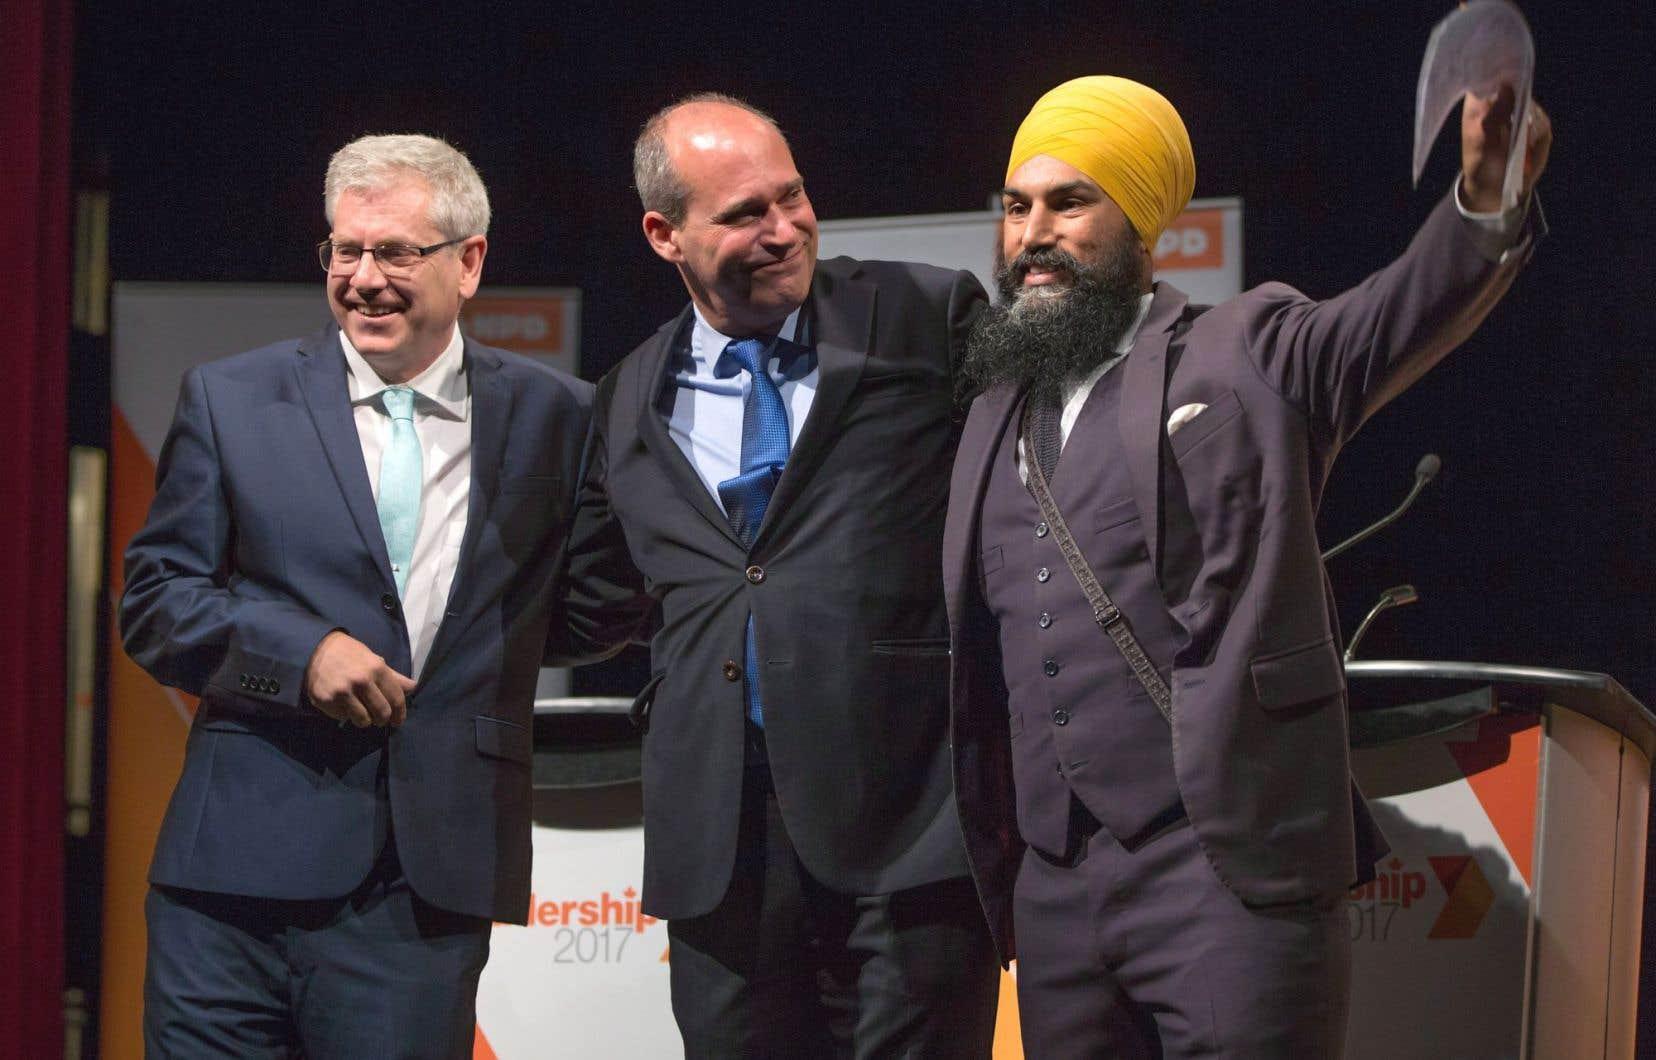 Les candidats Charlie Angus, Guy Caron et Jagmeet Singh, au terme d'un débat de la course à la chefferie, tenu le 10septembre dernier, à Vancouver.